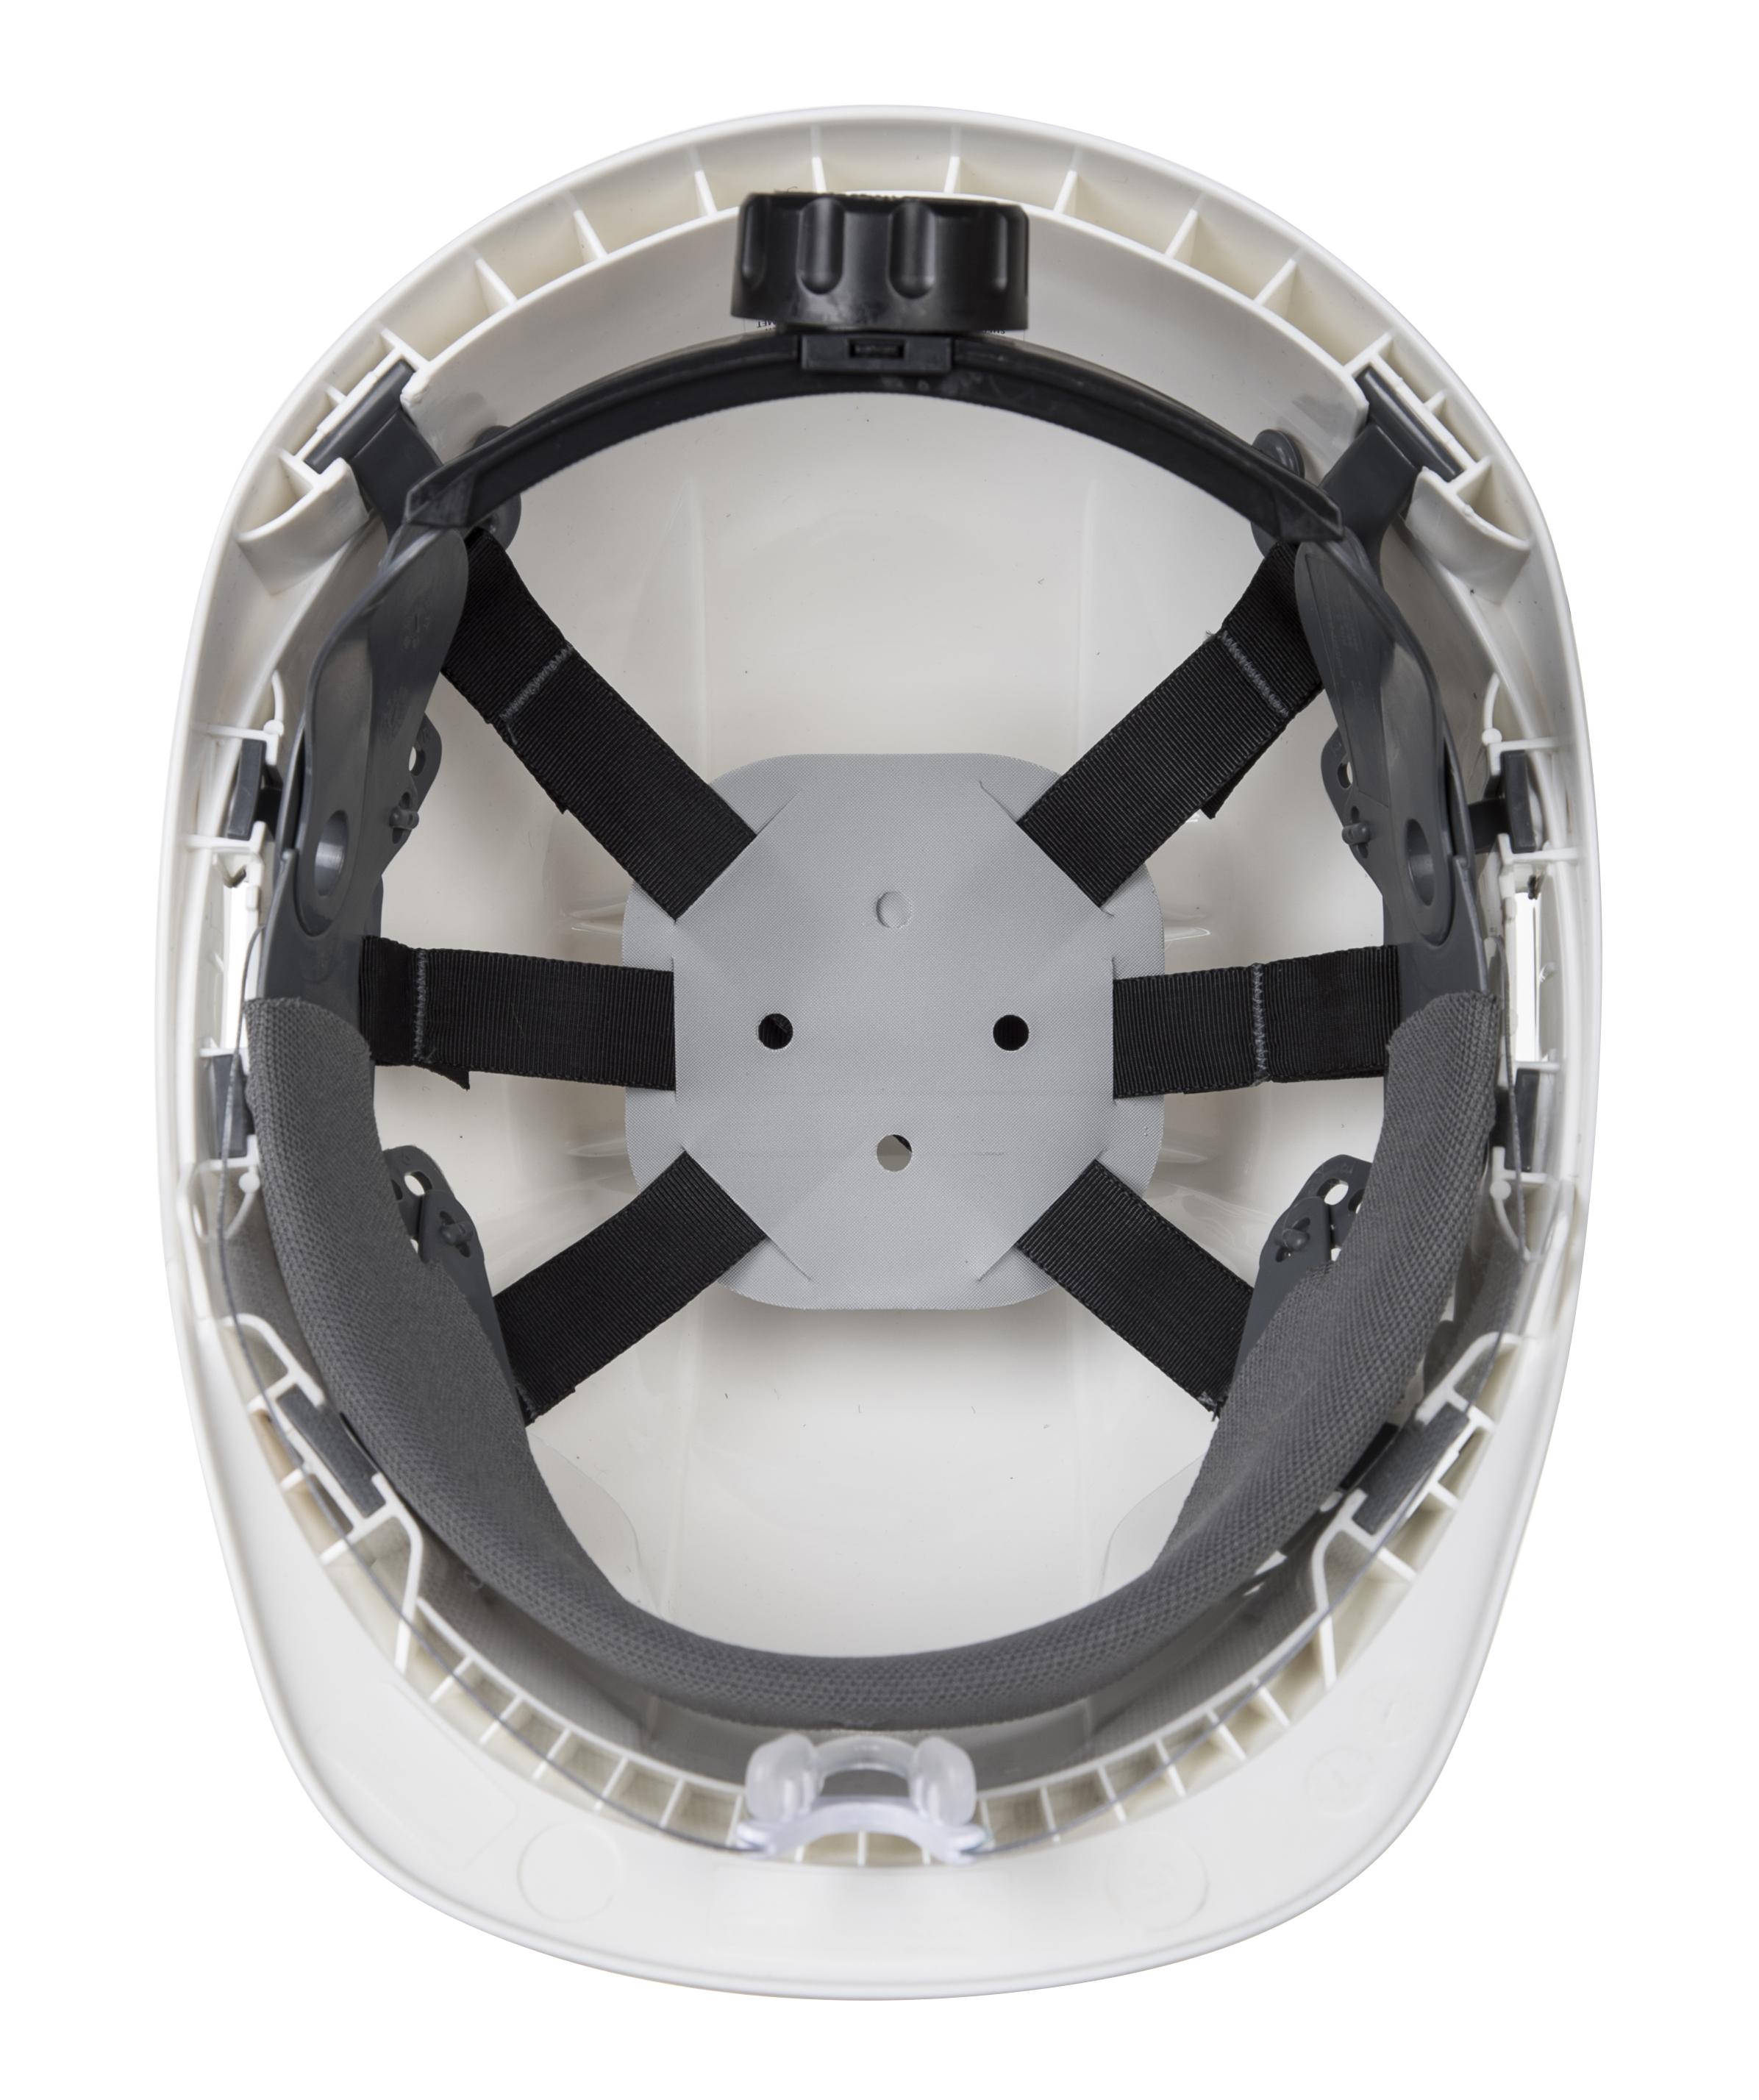 Portwest PW55 Endurance Visor Helmet